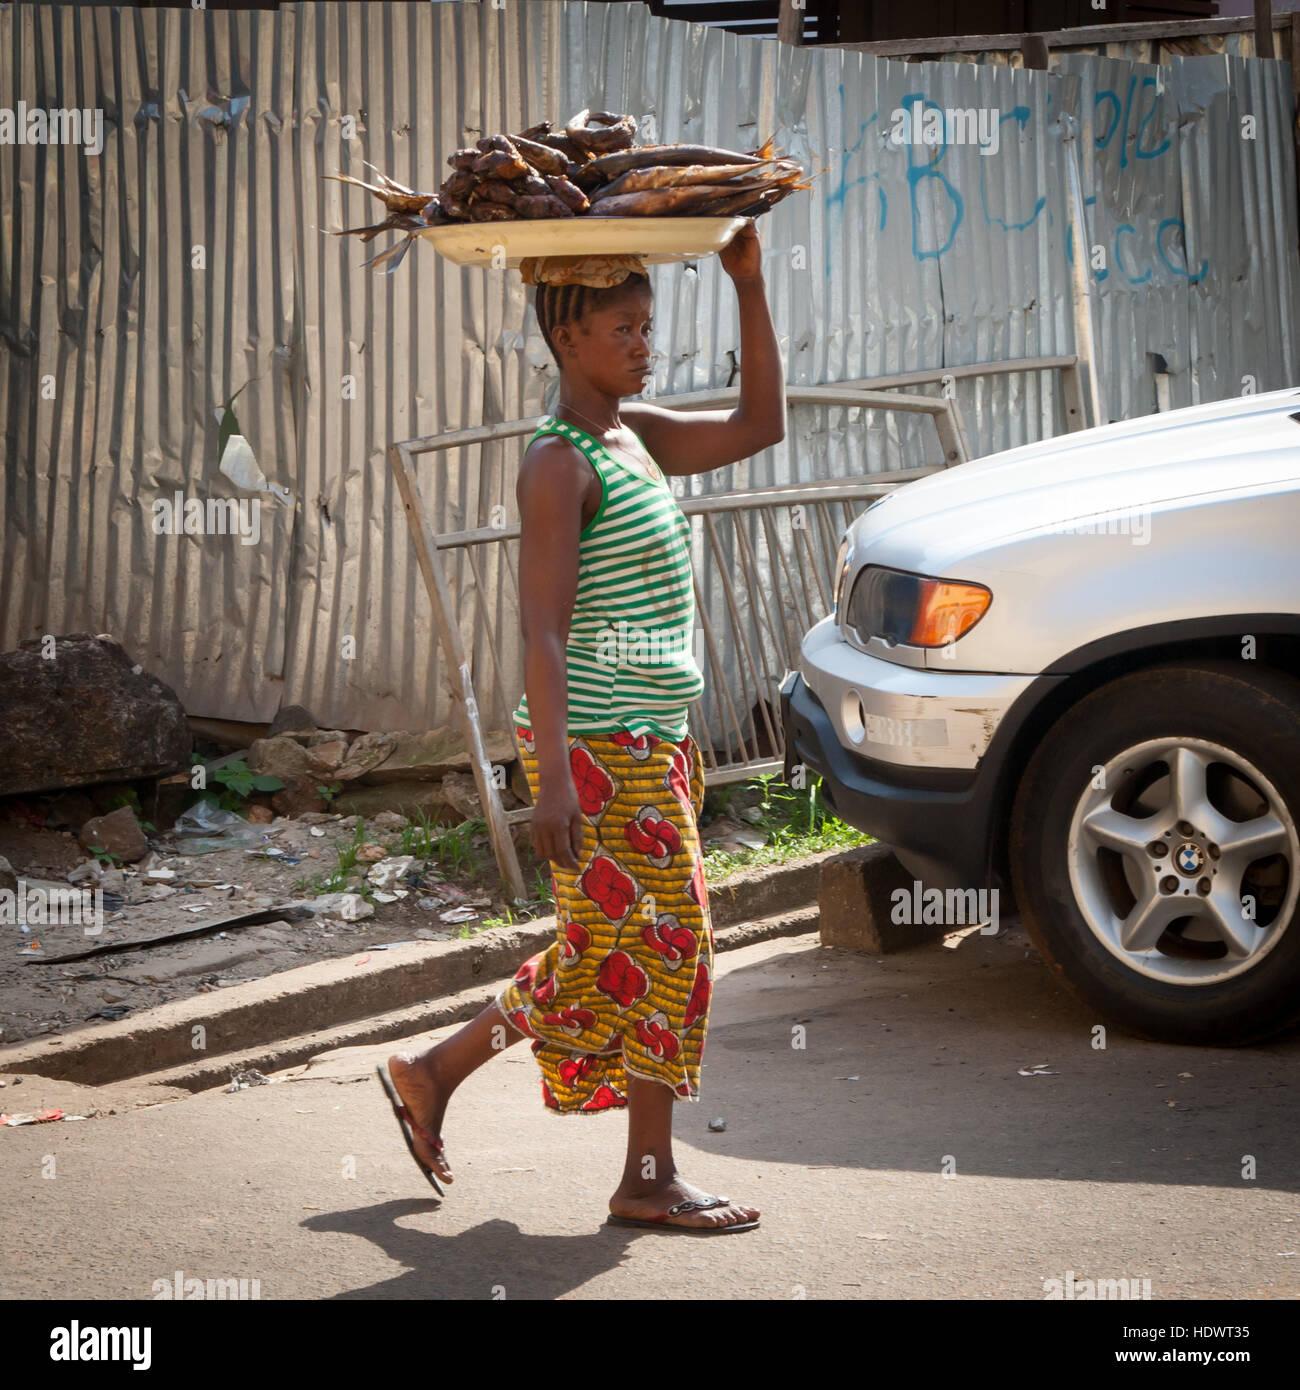 Frau trägt gebratenen Fisch auf dem Kopf Stockbild